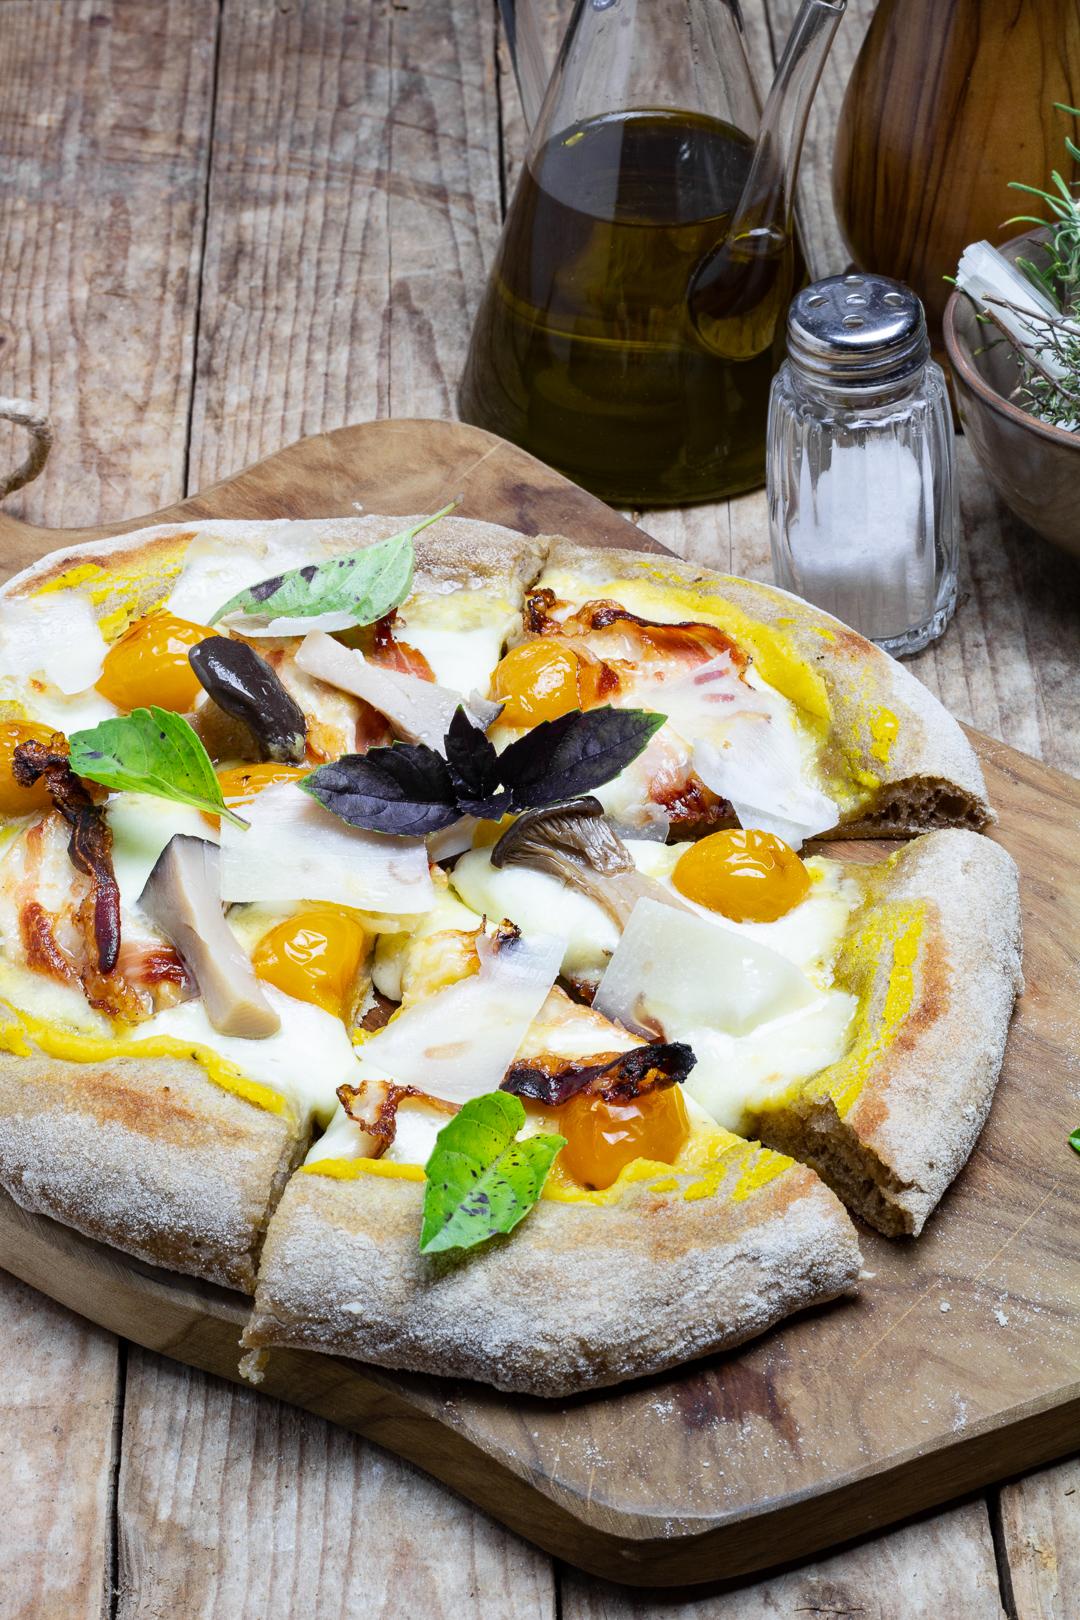 Pizza ai cereali con crema di zucca, guanciale toscano, funghi cardoncelli e scaglie di Pecorino Romano DOP